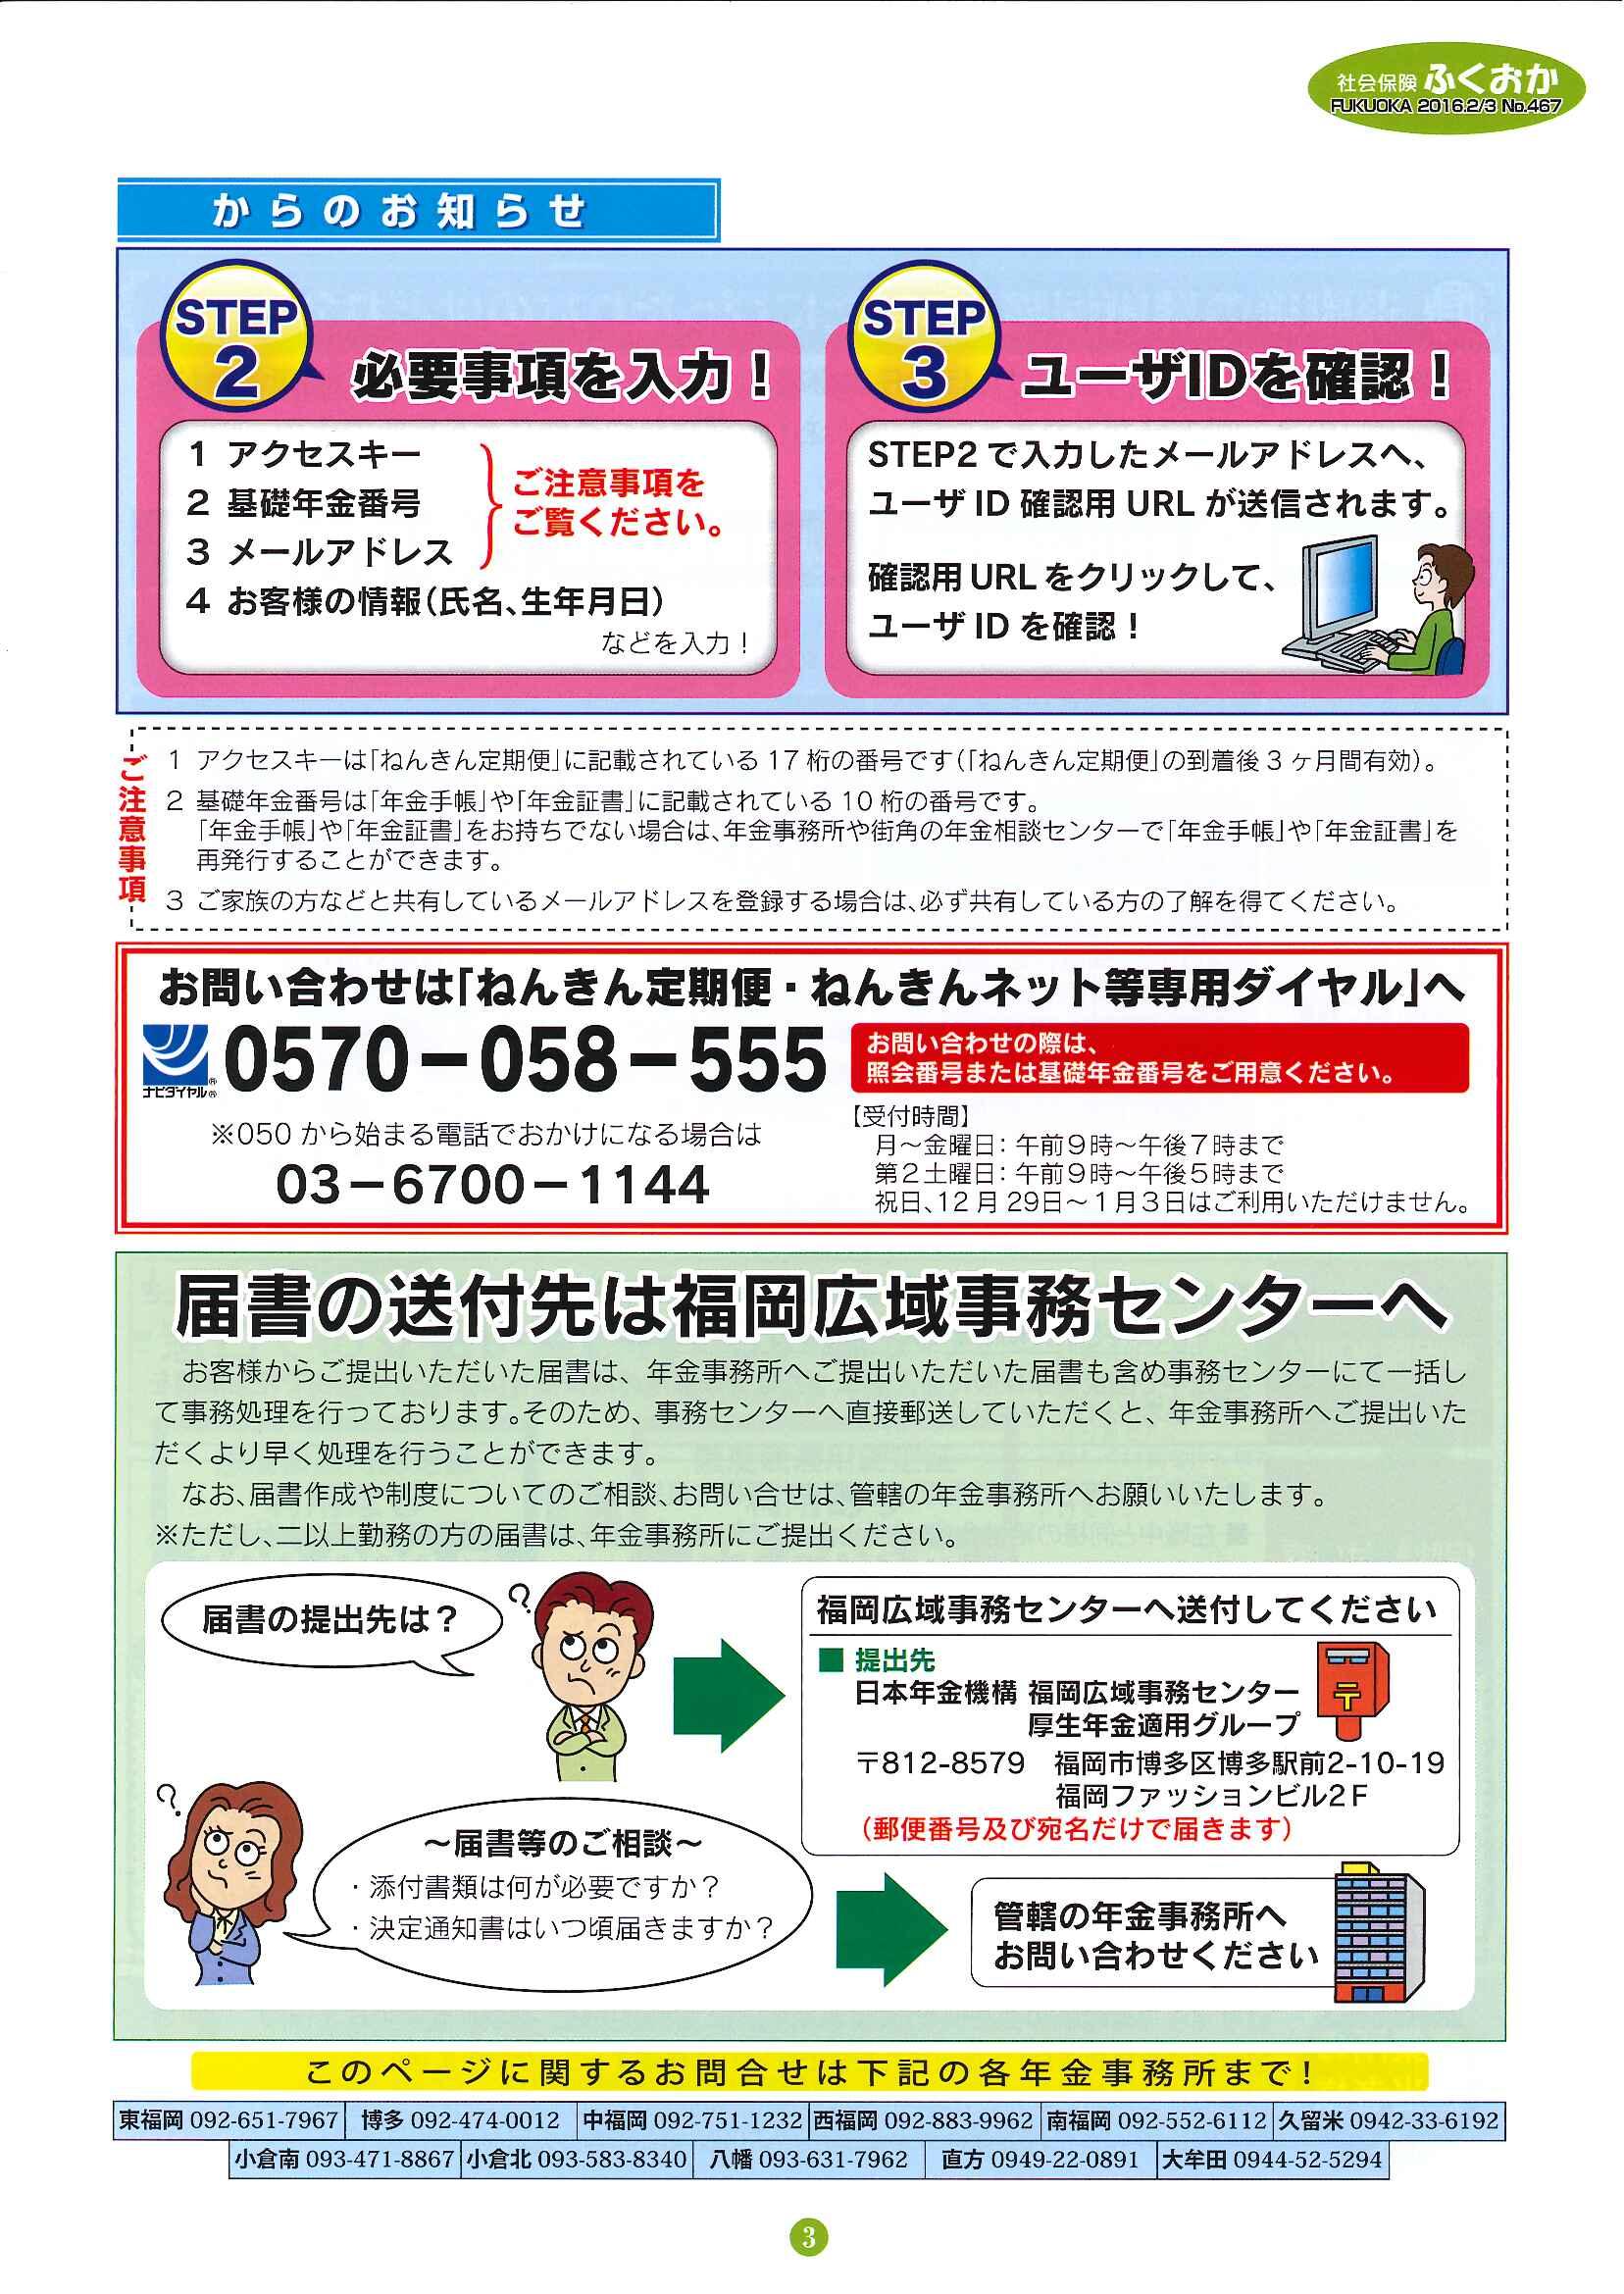 社会保険 「ふくおか」 2016年2・3月号_f0120774_1624328.jpg